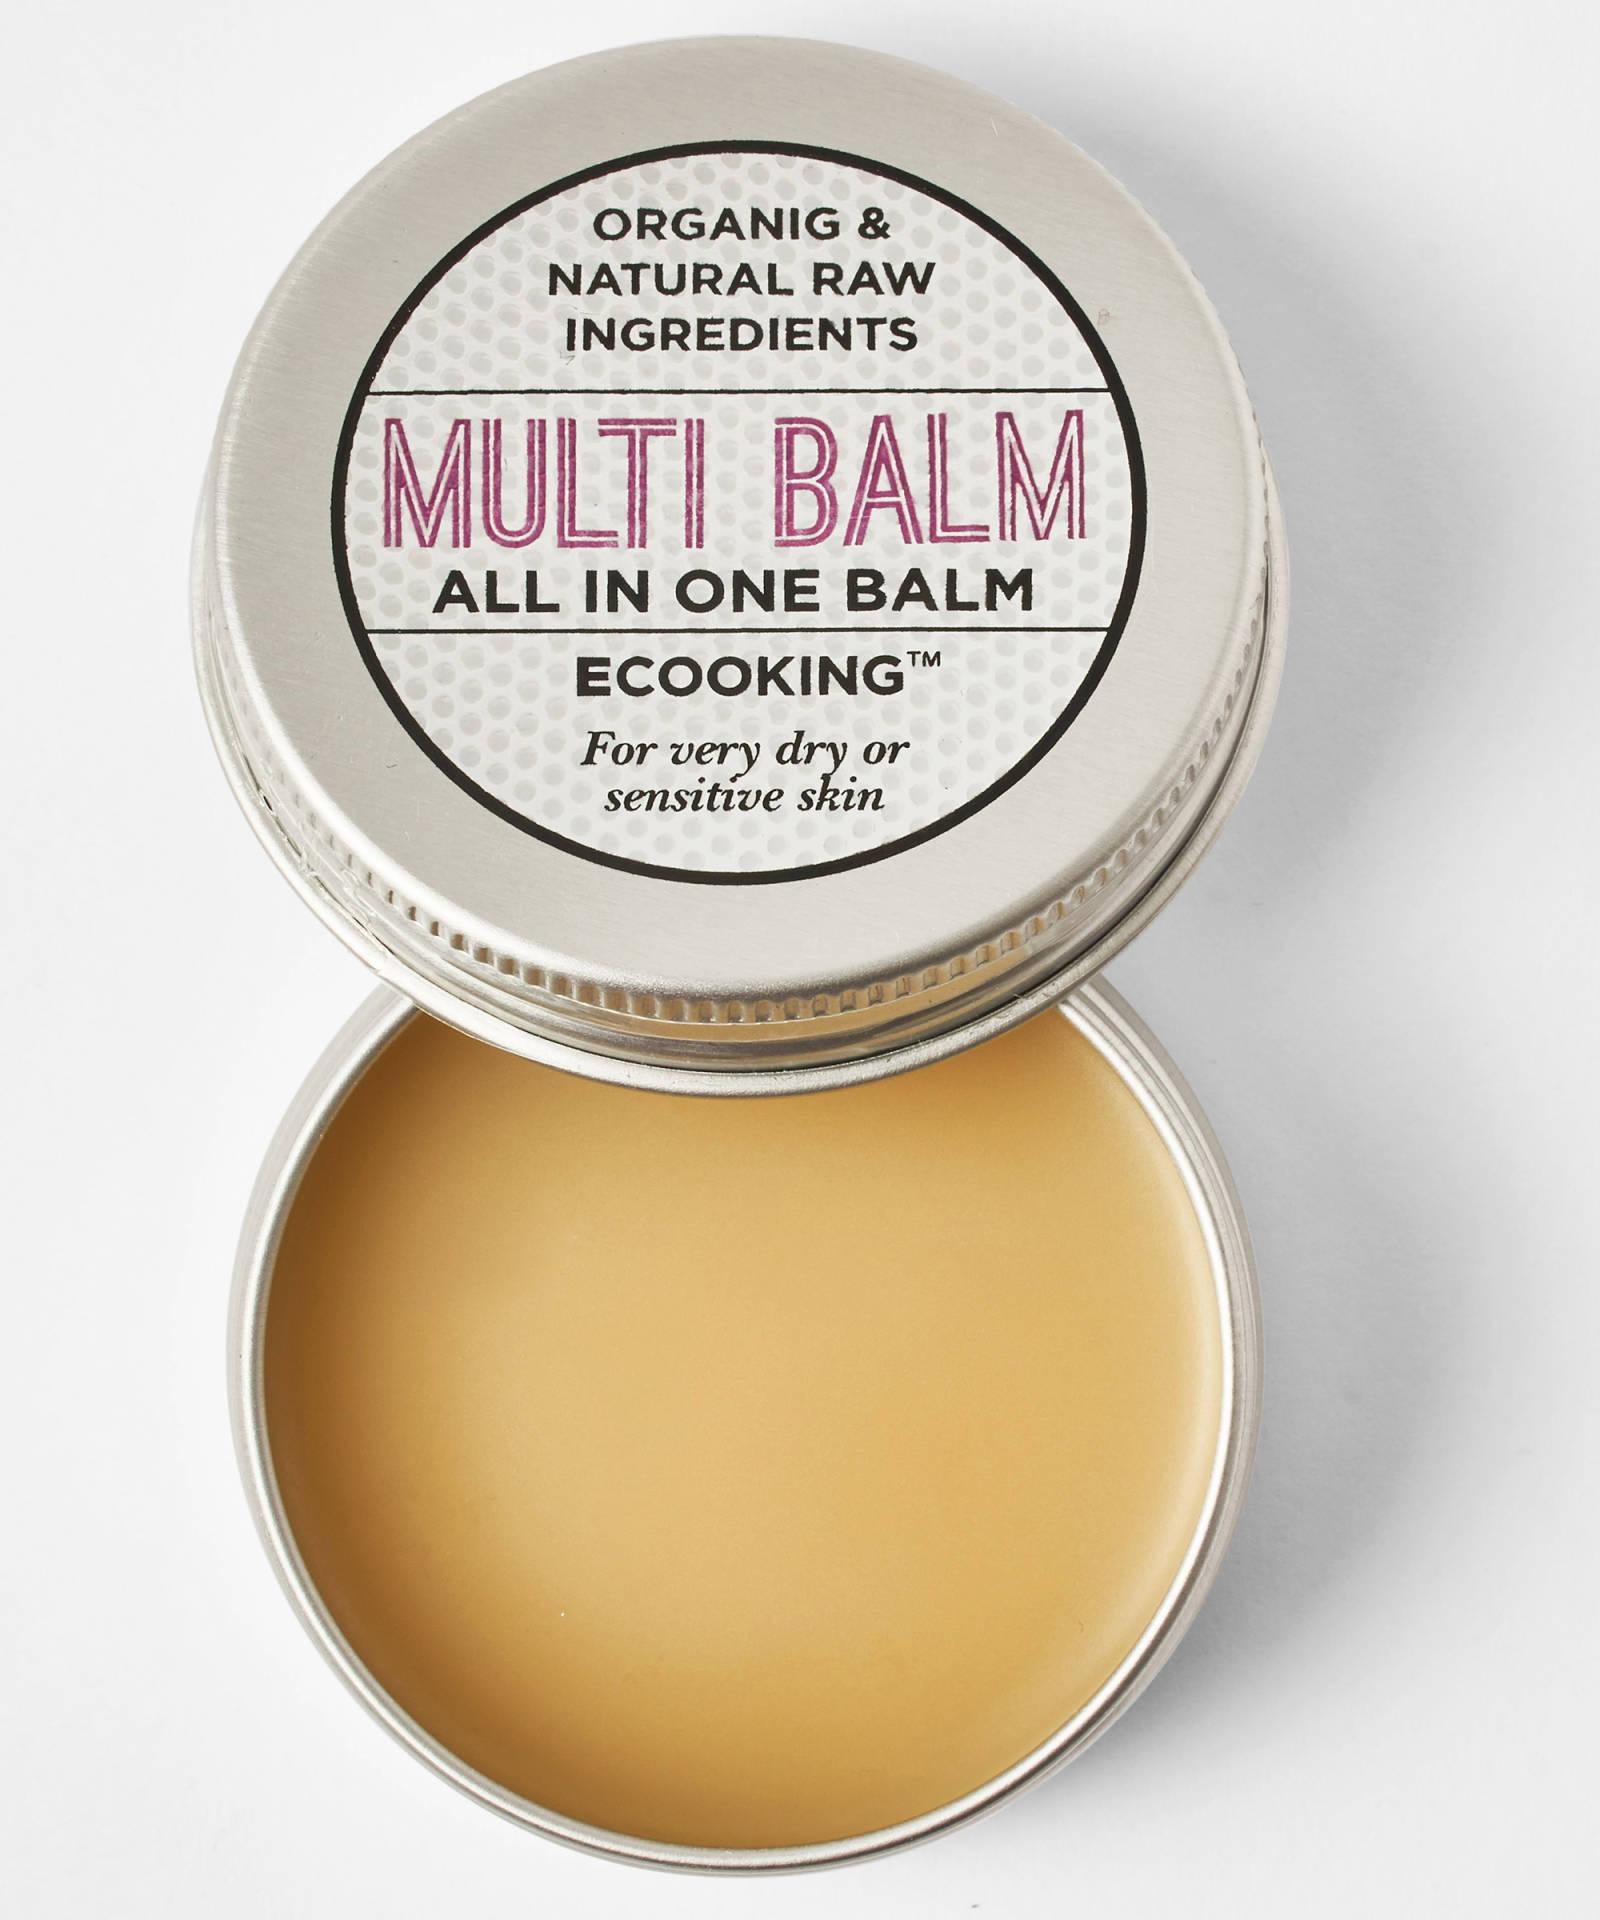 ECooking Multi Balm, 28лв./30 ml Запознайте се със спасителя на кожата си - още един продукт с множество функции - дълбоко хидратиращ, изглаждащ, упокояващ. Мулти-балсам за мулти-употреба. Формулата дължи свойствата си на органичното арганово масло и ший и натуралния Витамин Е в състава си.